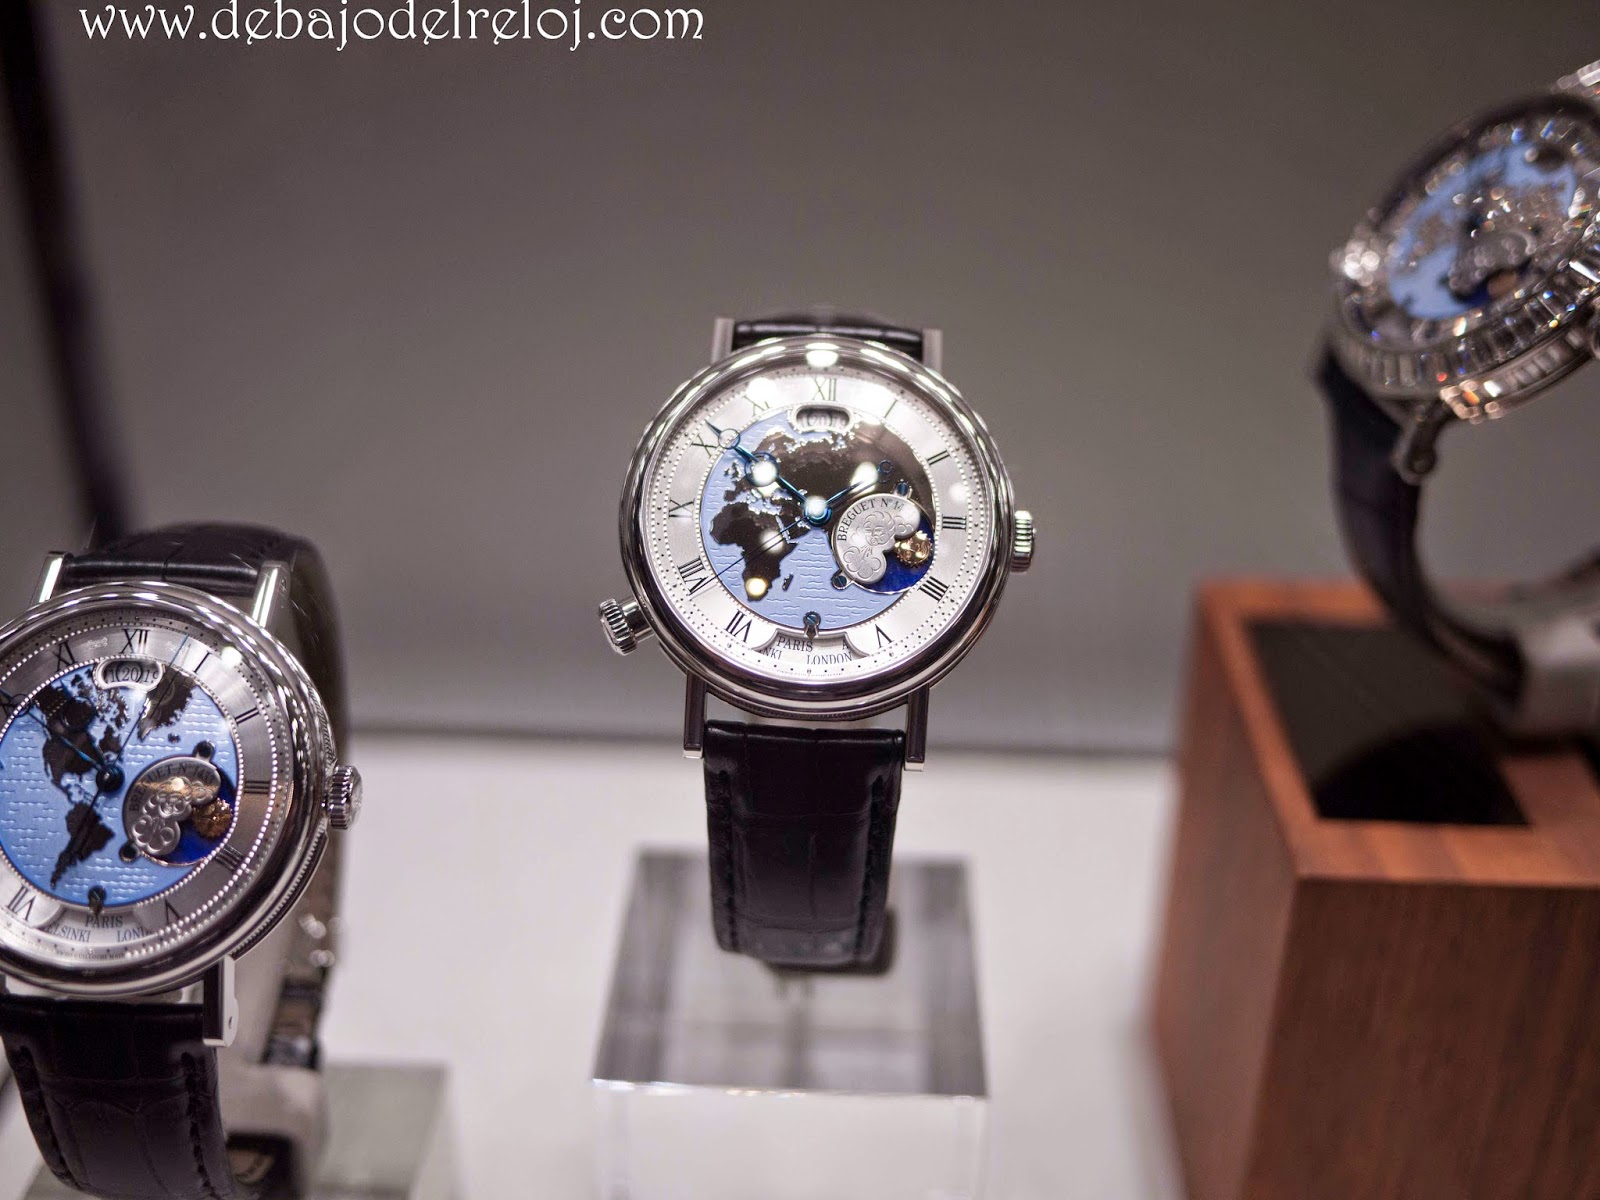 Breguet nuevos modelos y Basel 2015 4